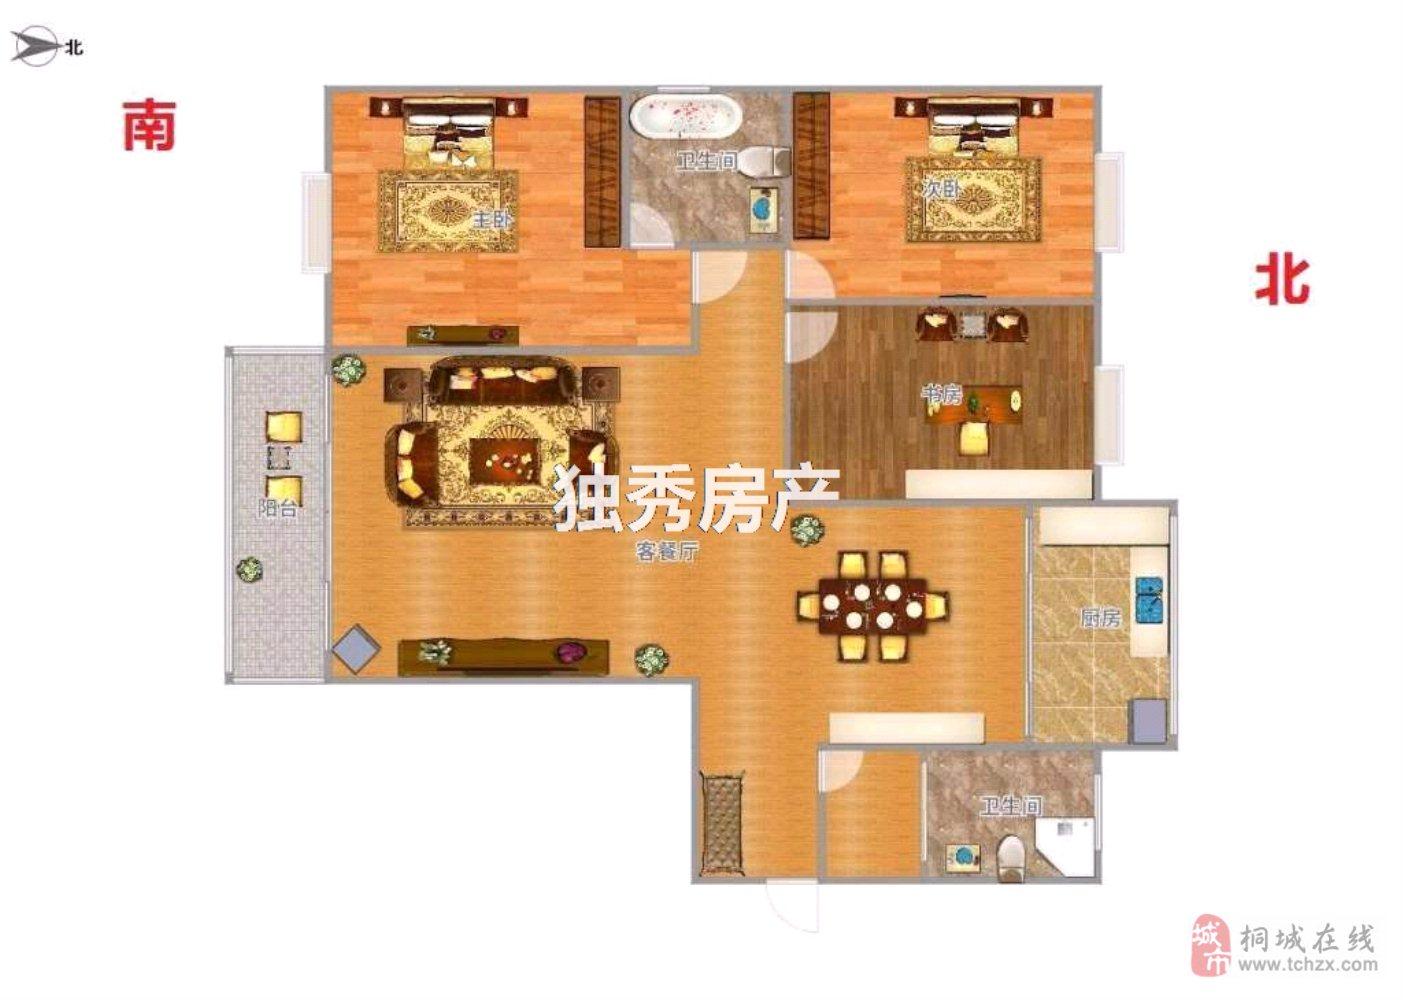 和平尚城3室2厅2卫89万元